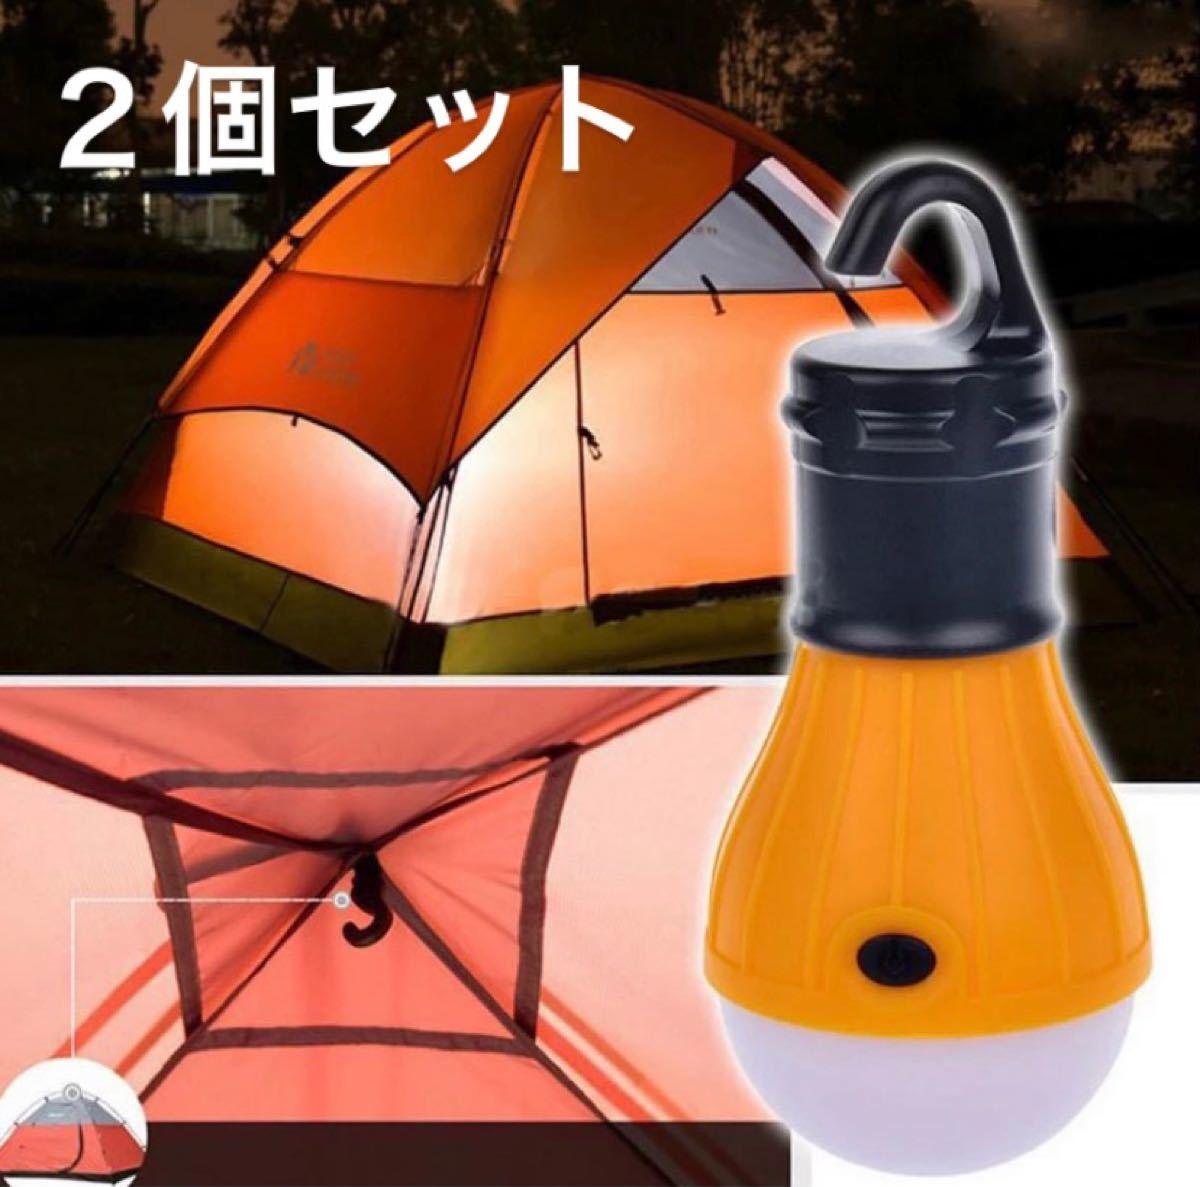 ミニポータブルランタンテントLEDライトランプ防水ぶら下げフック懐中電灯キャンプ